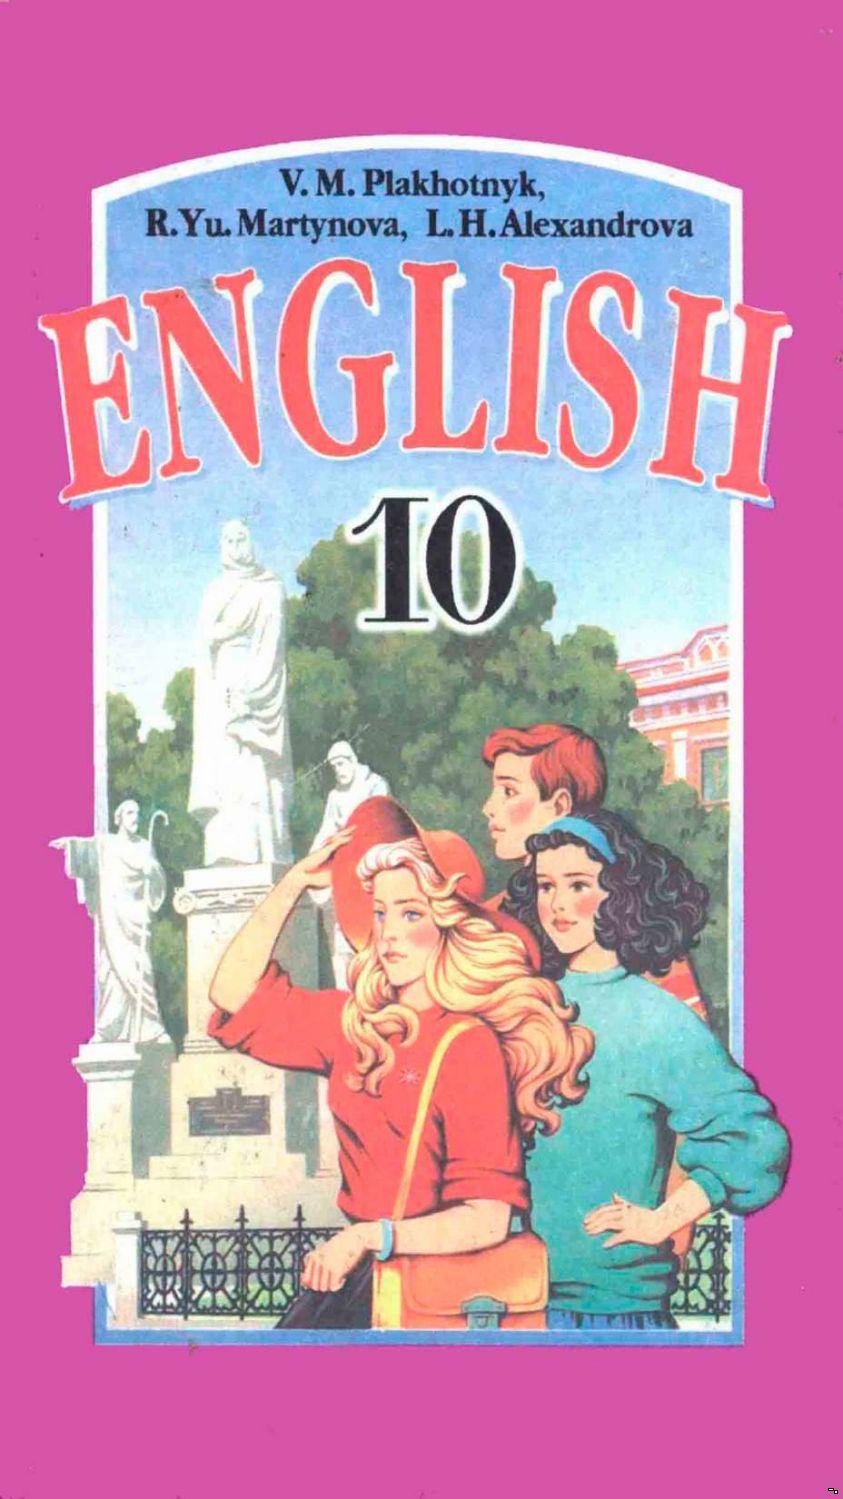 Класс языку плахотник 10 по английскому за решебник